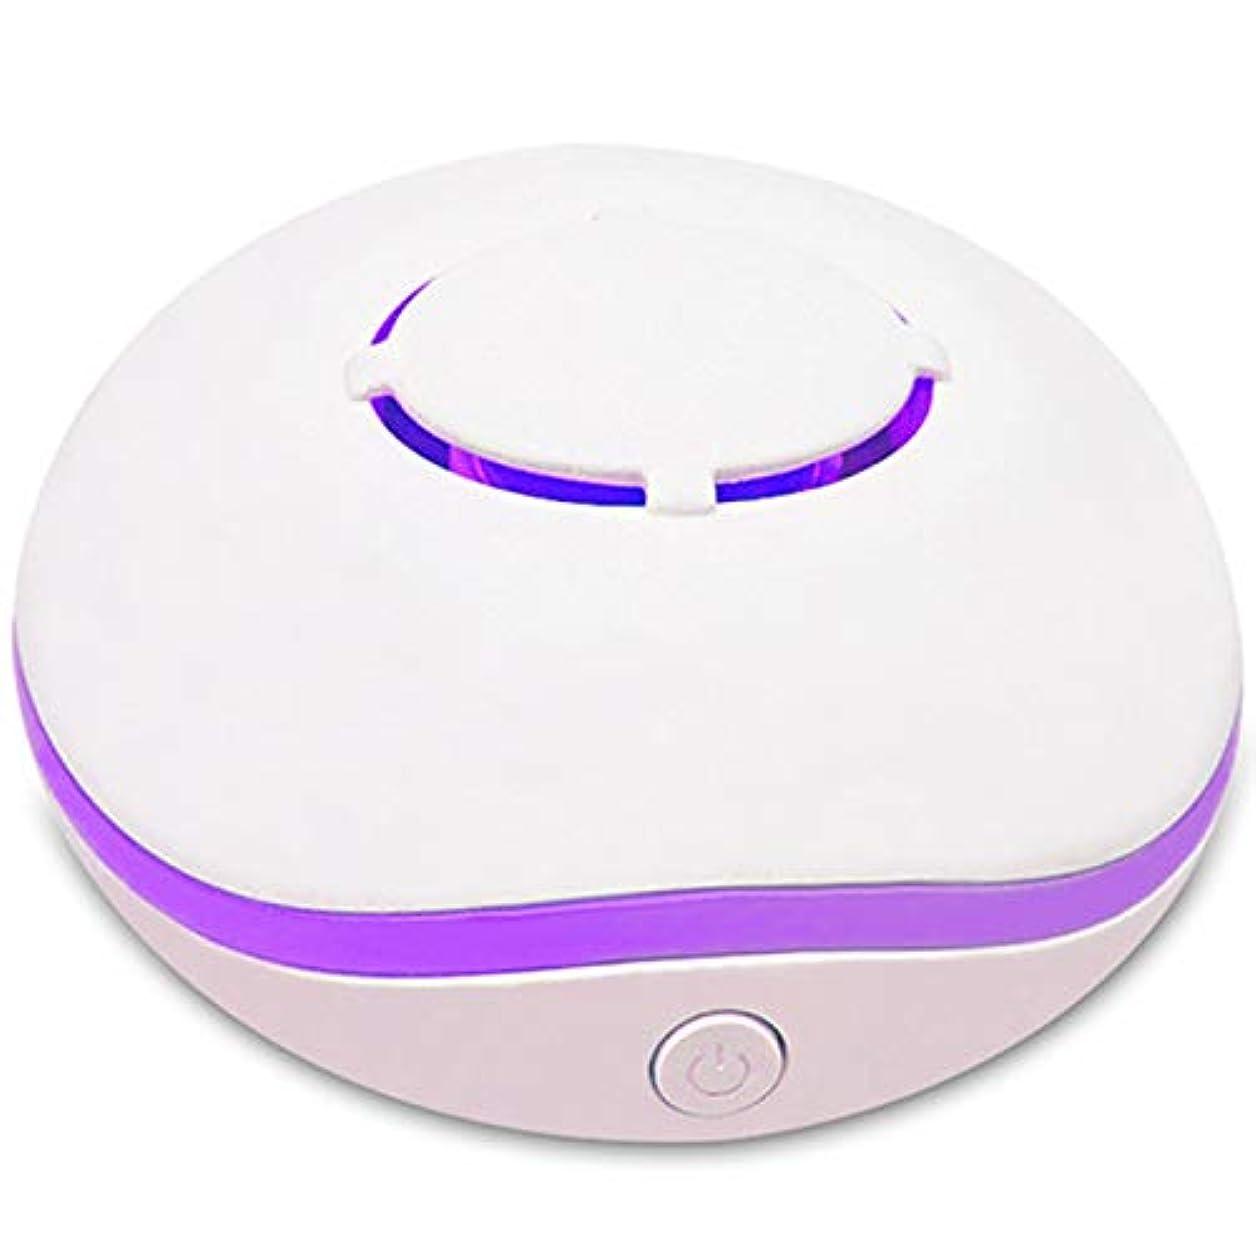 ハンディキャップ恐ろしいかき混ぜるSODIAL 無水アロマ?ミニディフューザー、エッセンシャルオイルの携帯用ネブライザー、アロマオイルの拡散、家庭用、2つの接続電源モード、白色